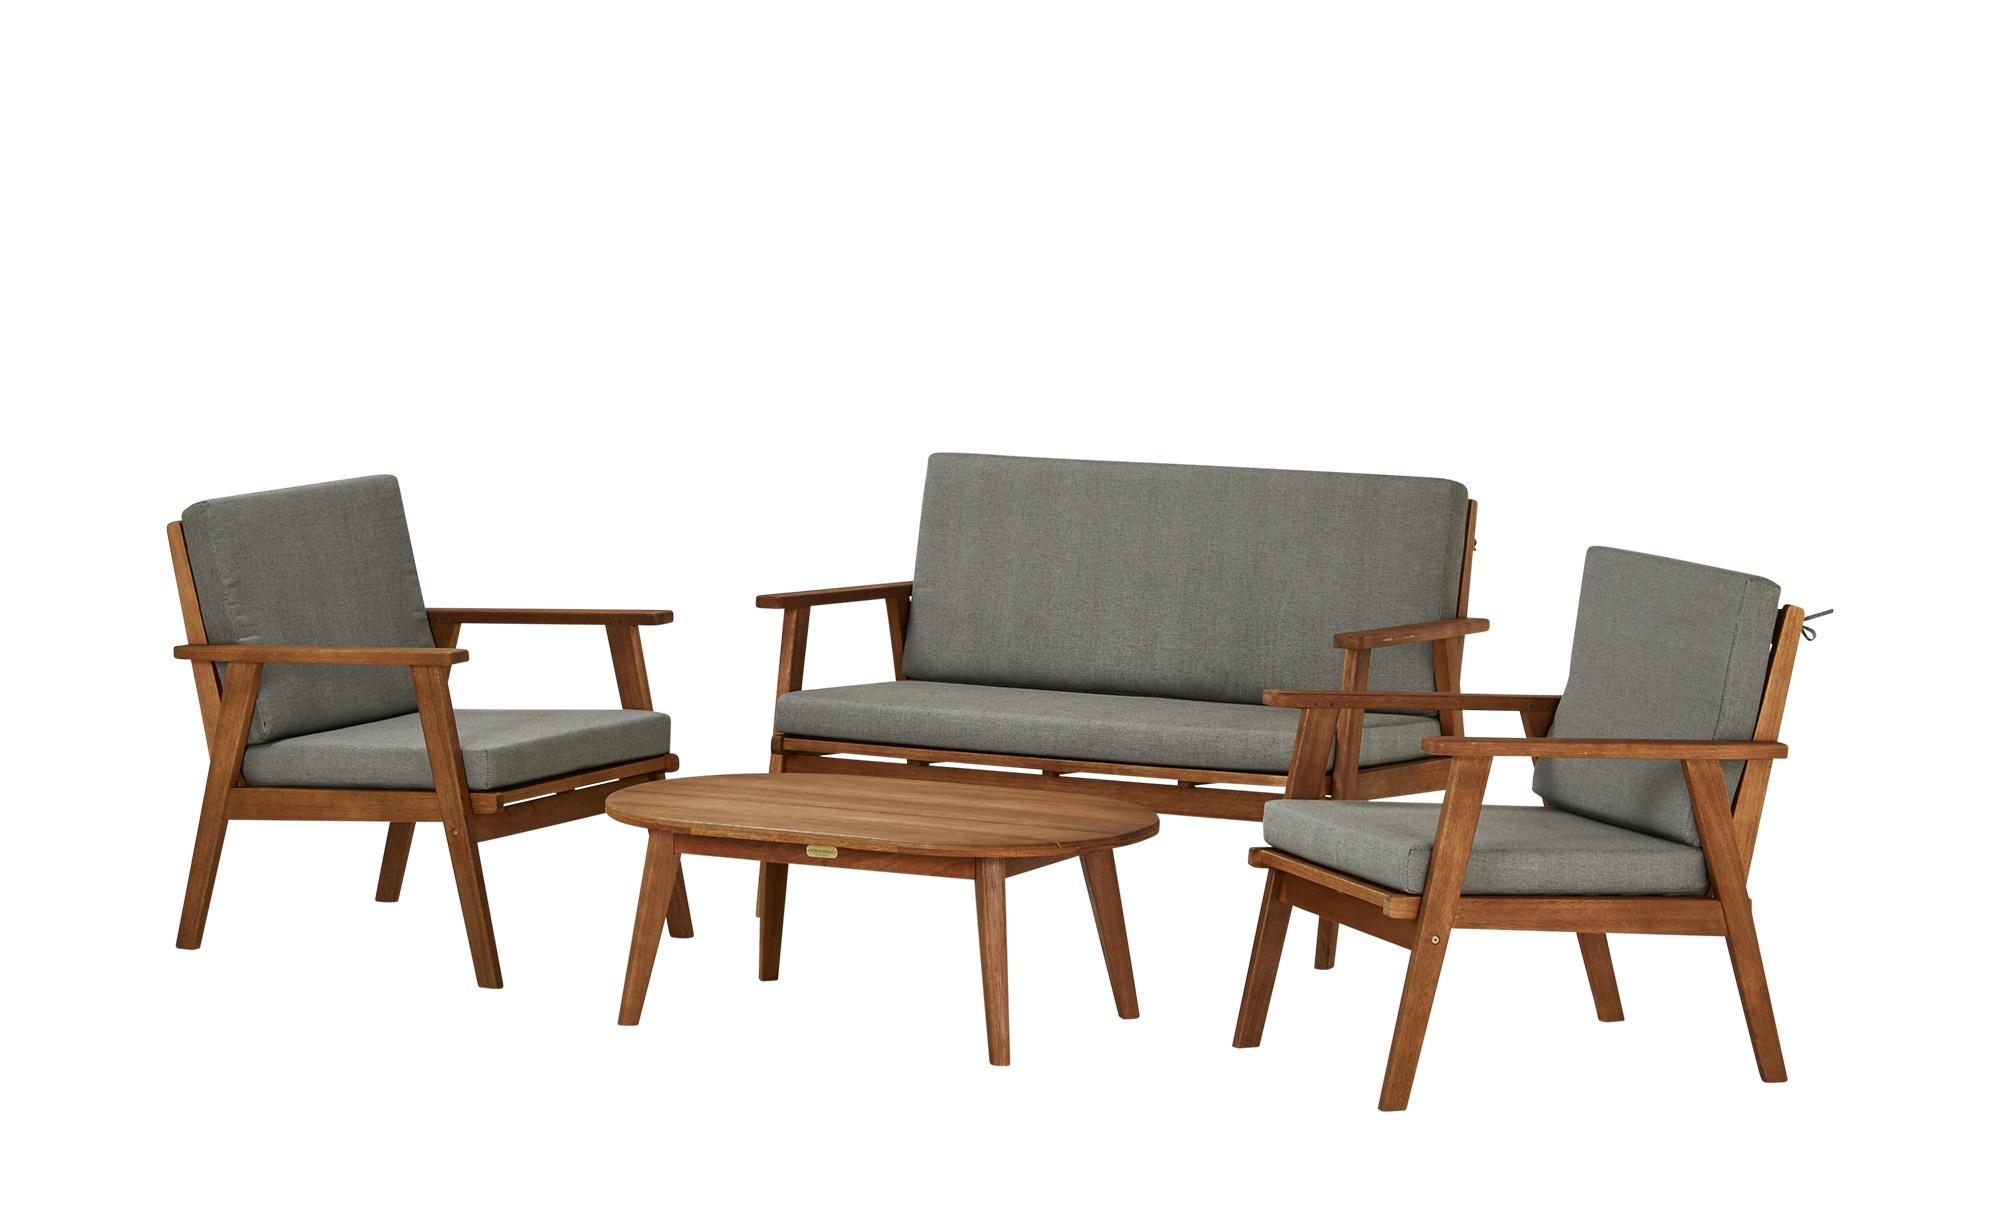 holzfarben holz loungem bel garten online kaufen m bel. Black Bedroom Furniture Sets. Home Design Ideas